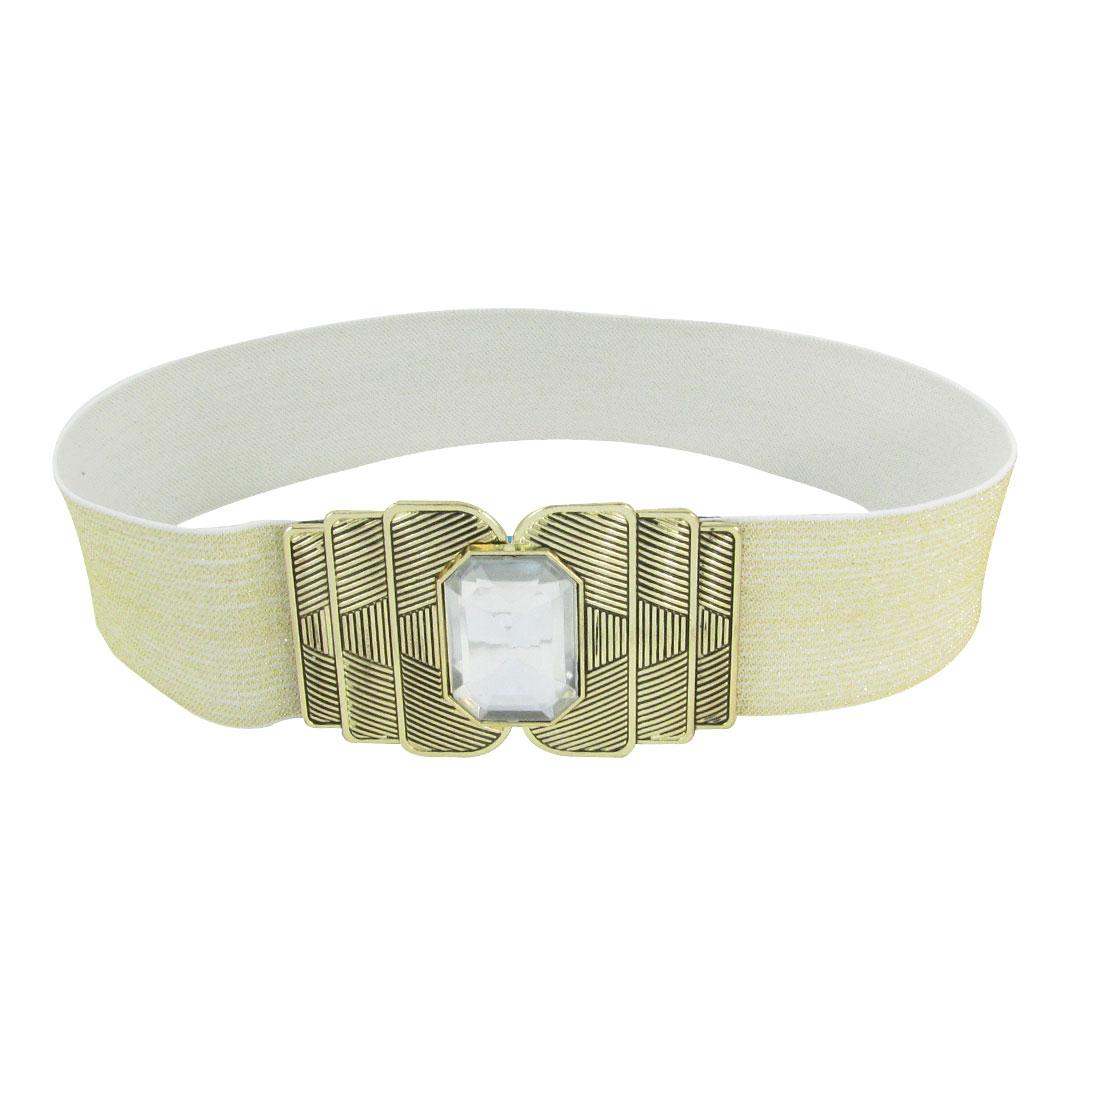 Gold Tone Metal Interlocking Buckle 5cm Wide Spandex Cinch Band Waist Belt